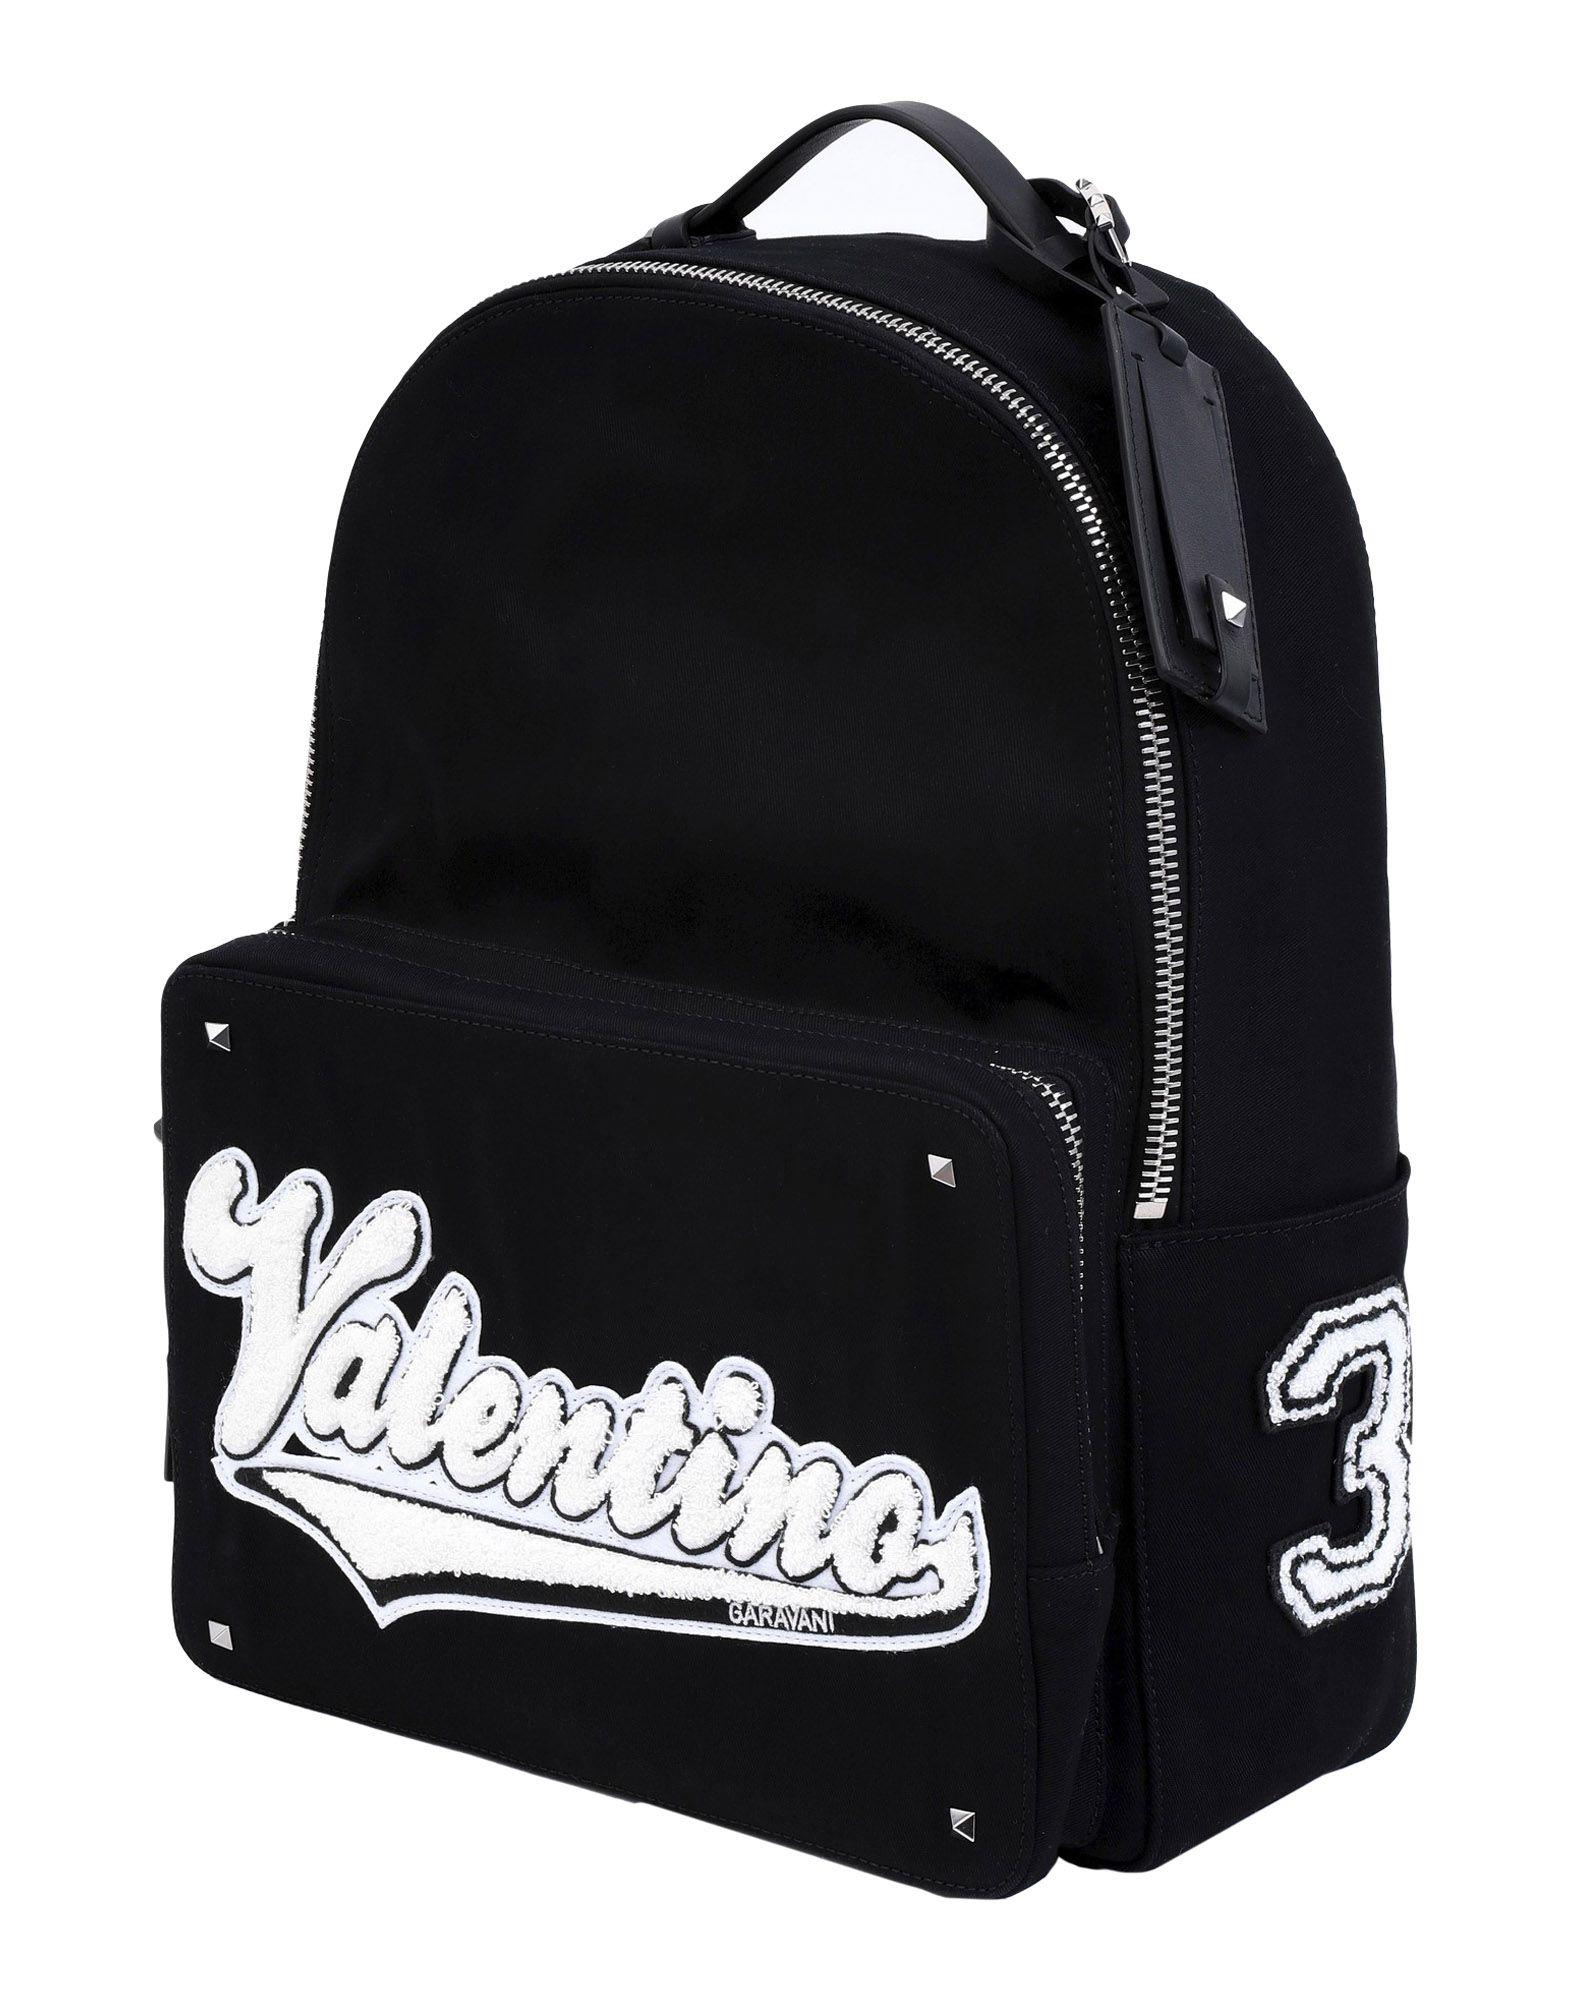 《送料無料》VALENTINO GARAVANI レディース バックパック&ヒップバッグ ブラック 紡績繊維 / 革